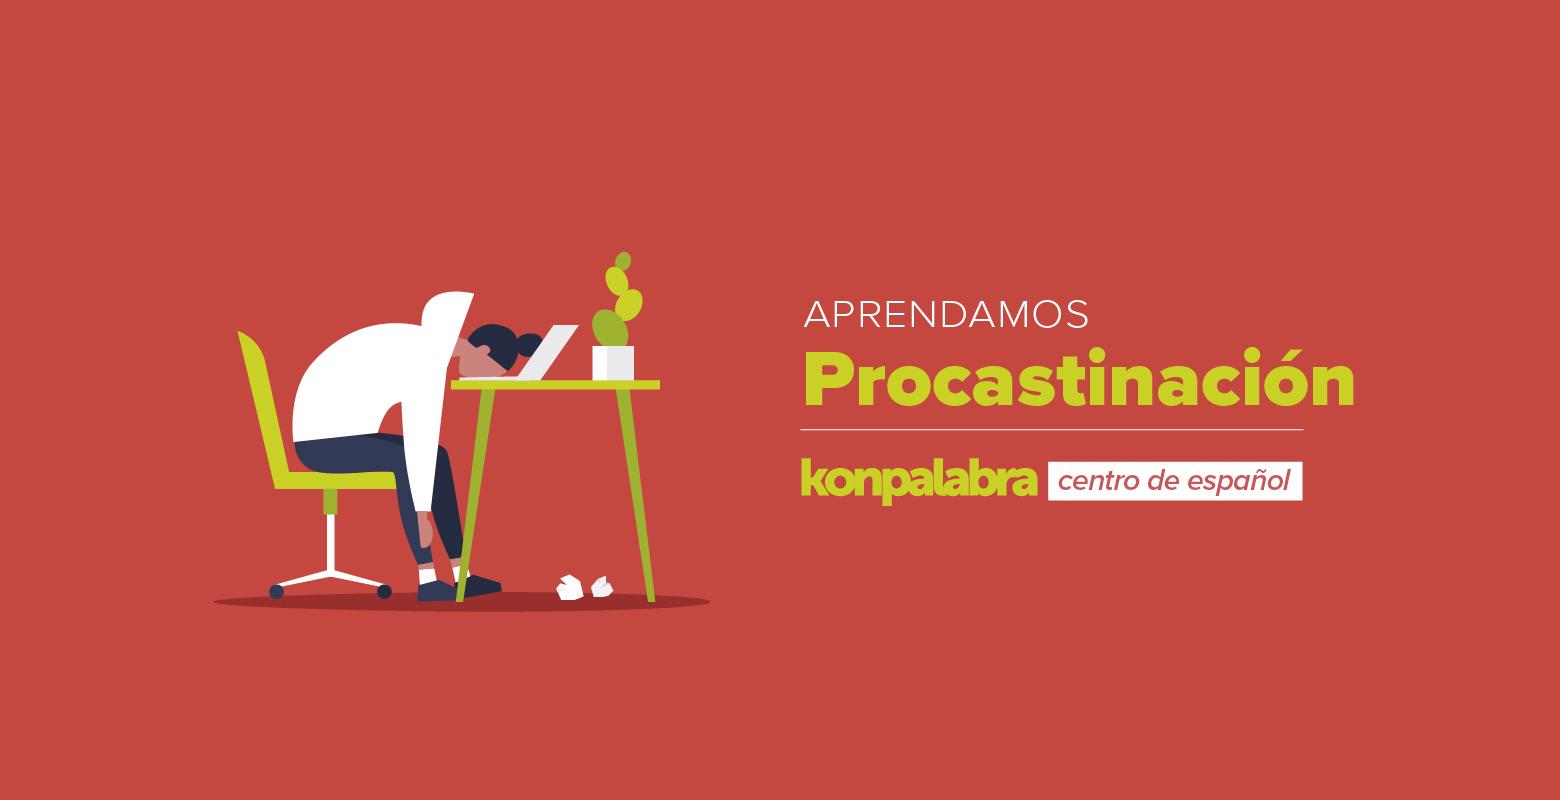 Procastinación